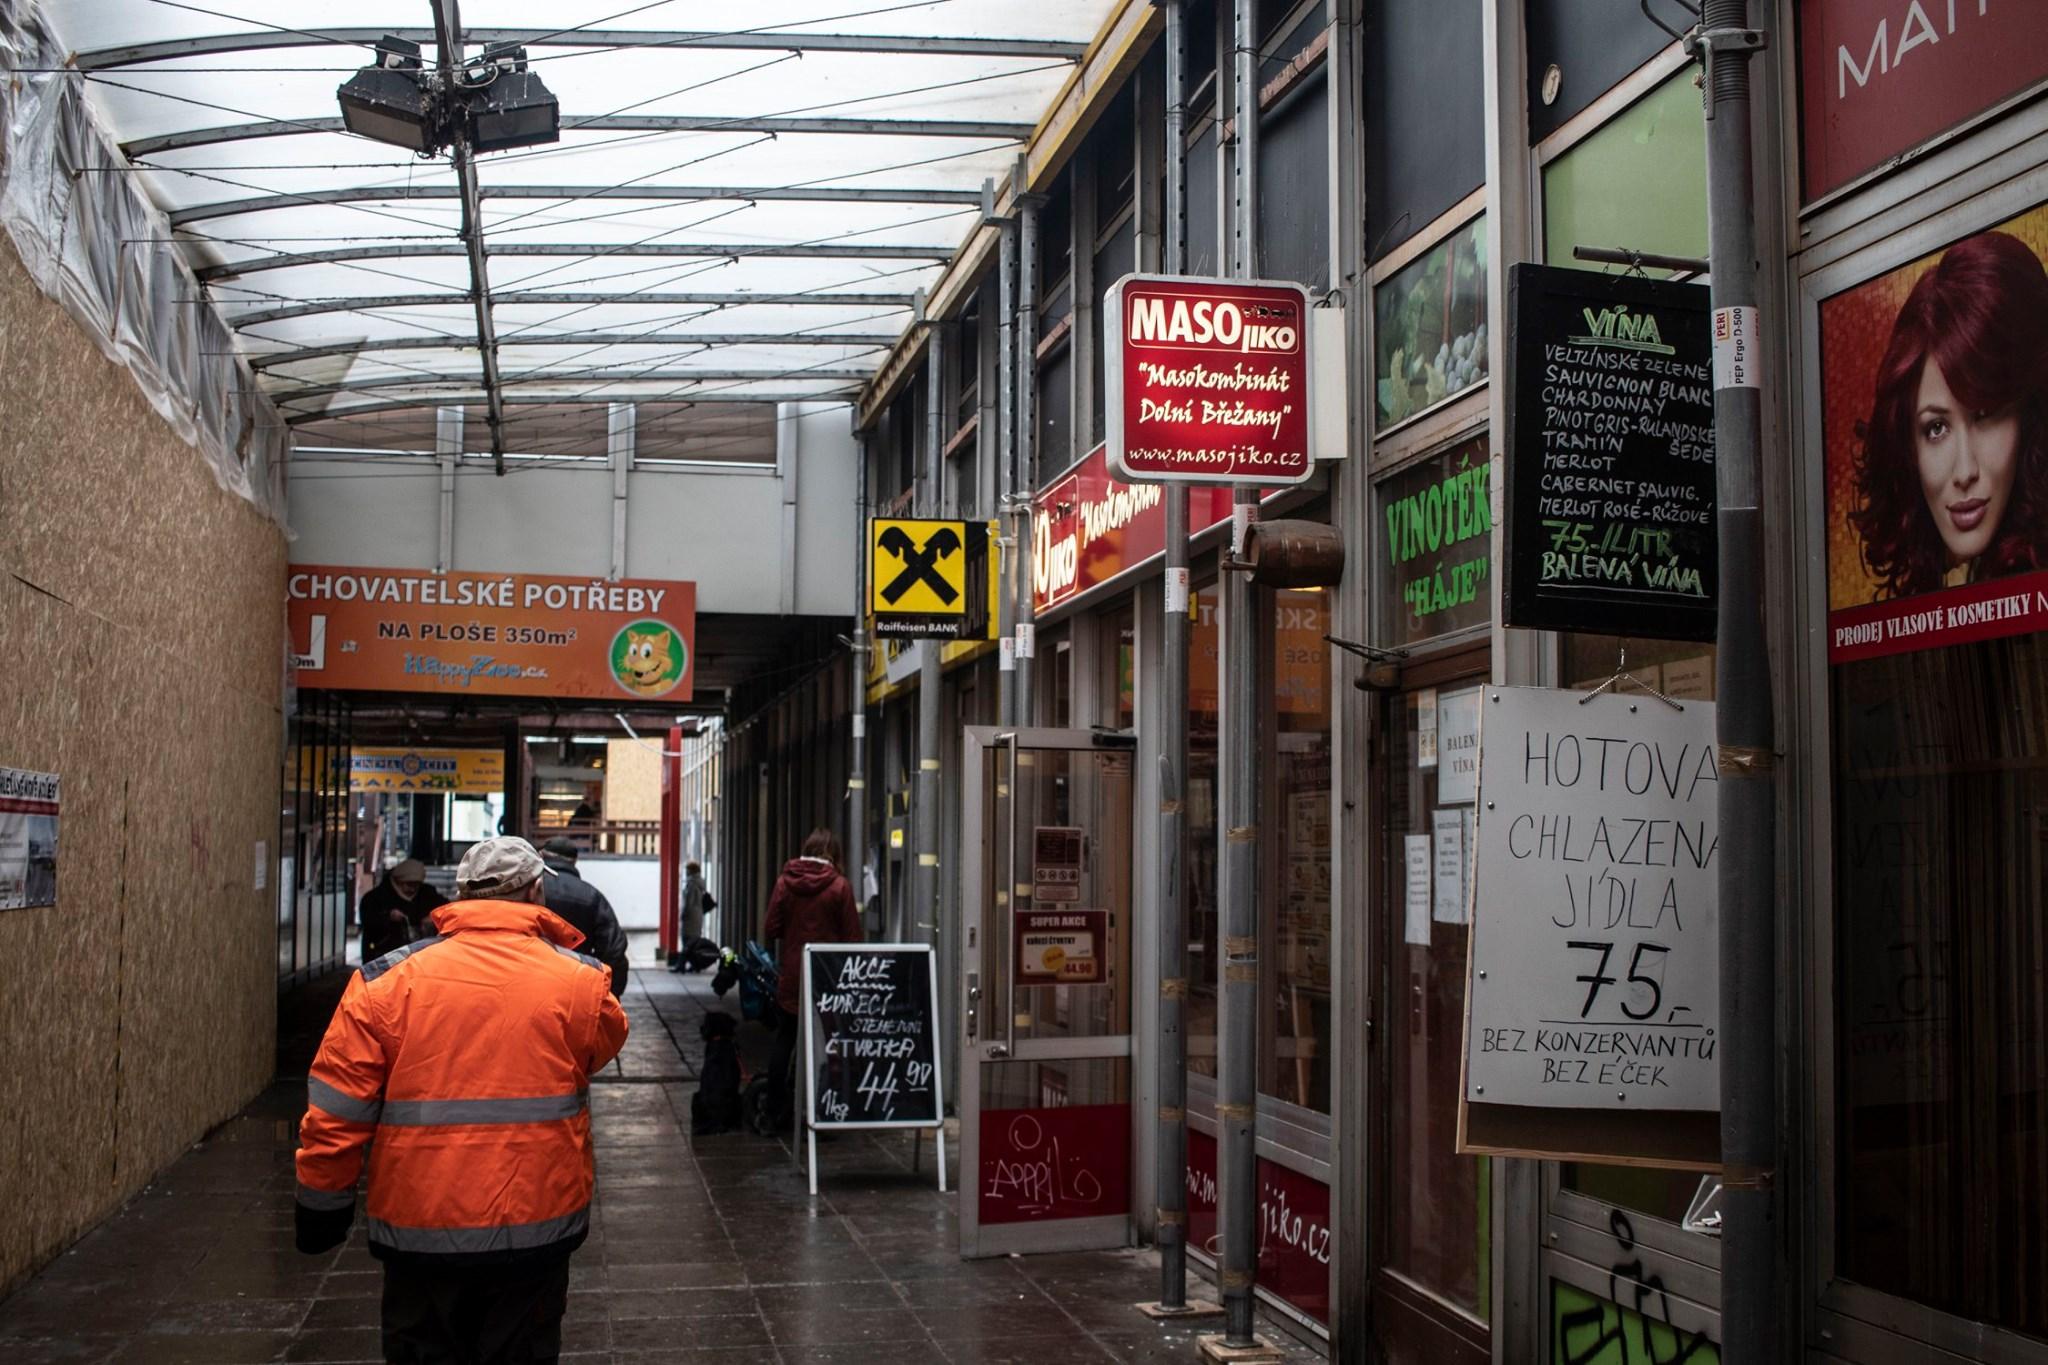 Zmírnění ekonomických důsledků pro podnikatele na Jižním Městě